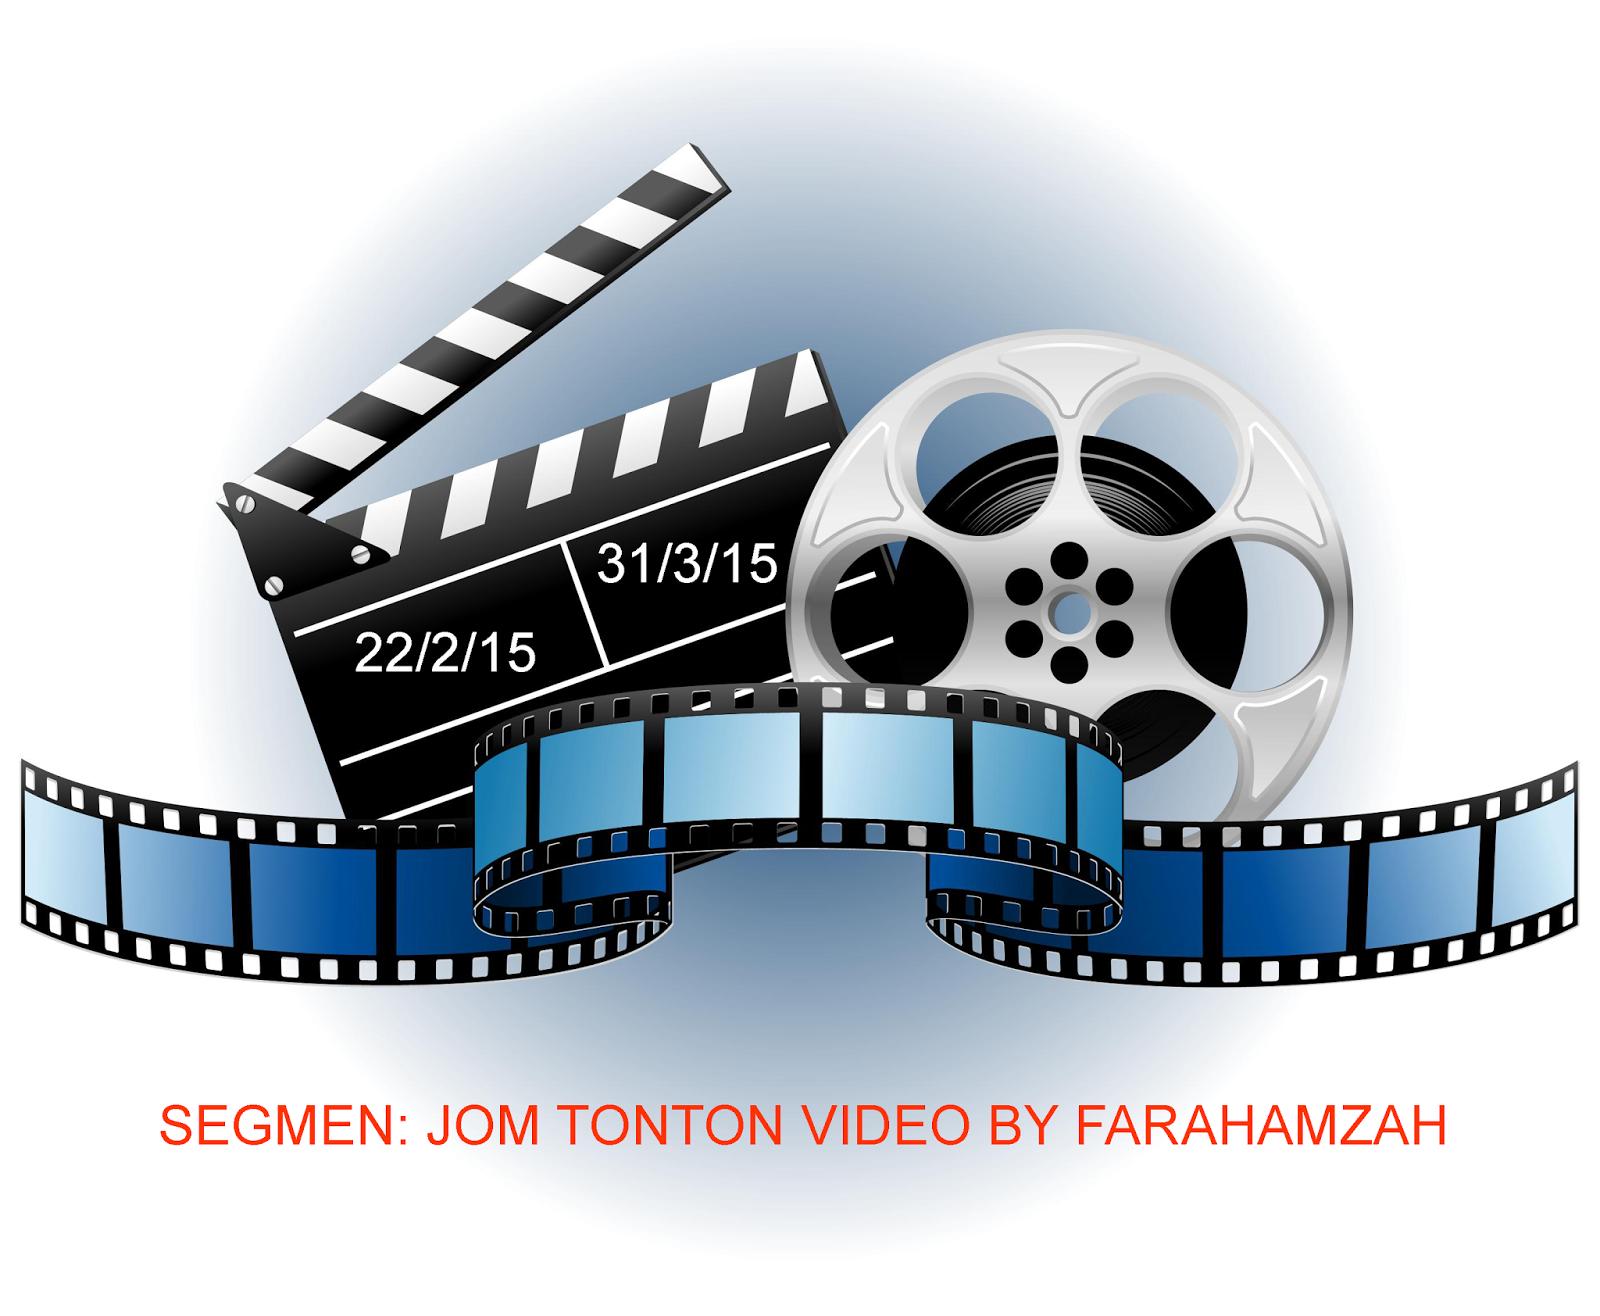 Segmen Jom Tonton Video By Farahamzah